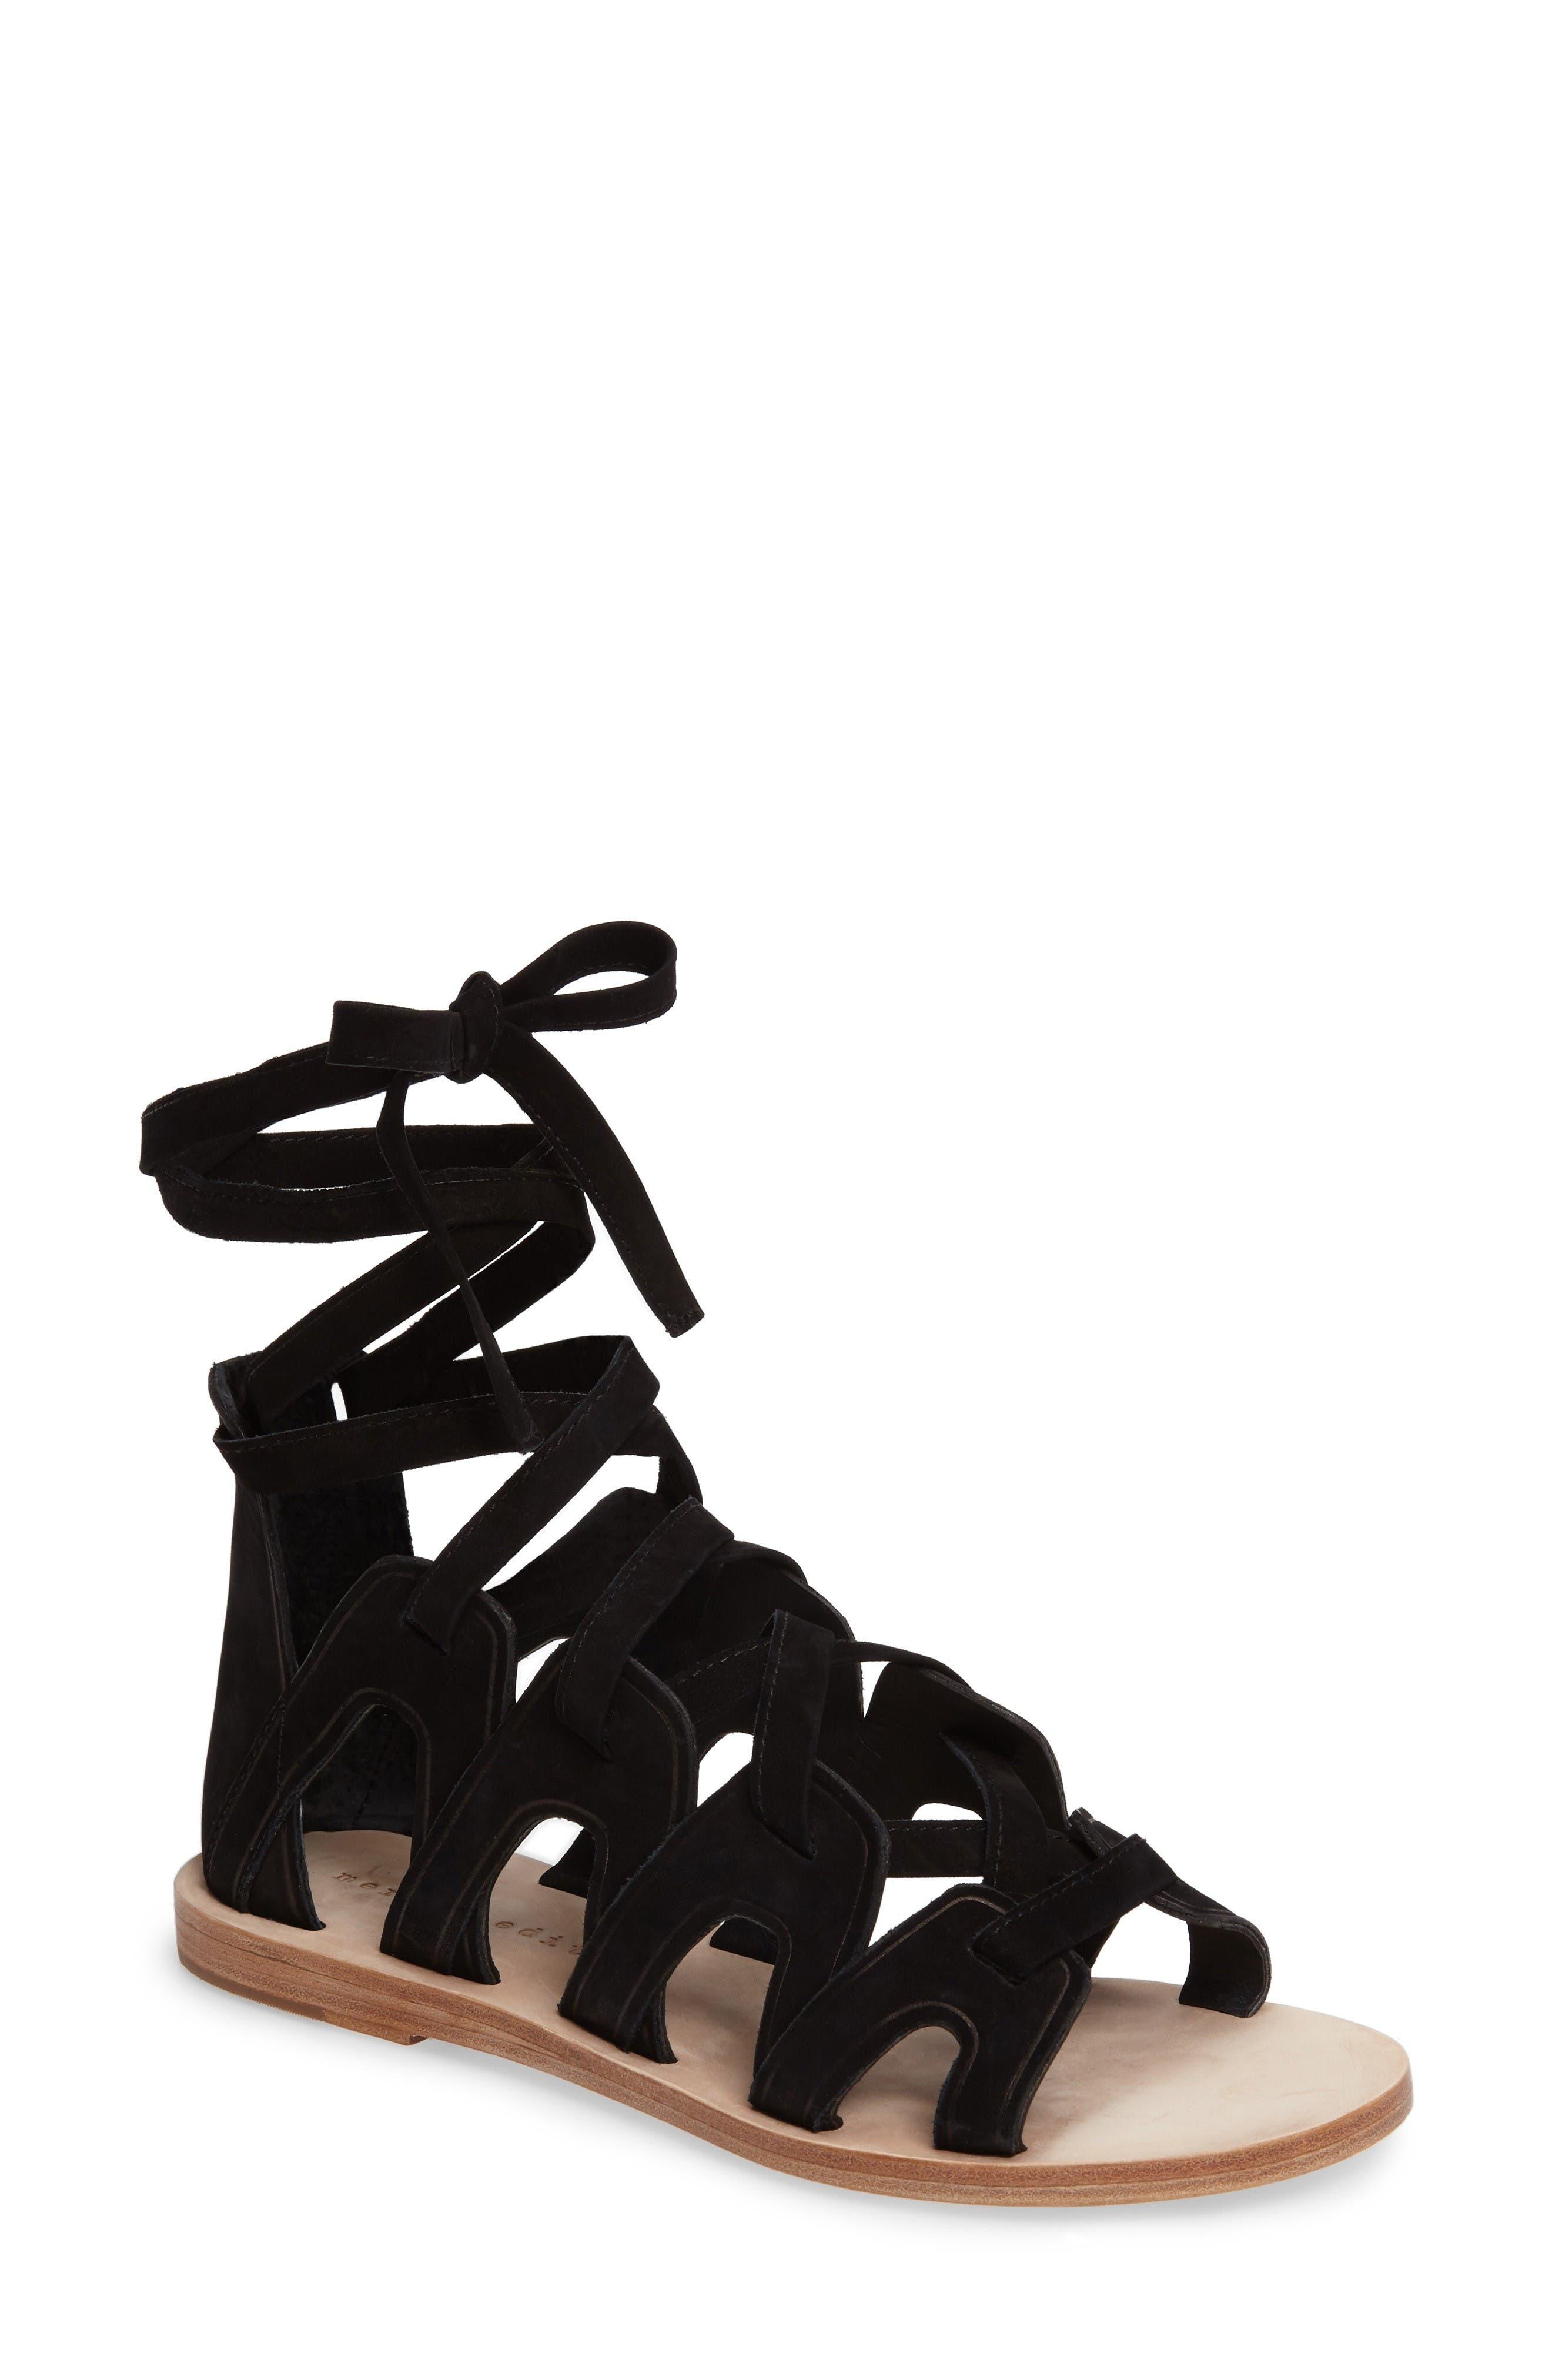 Main Image - Mercer Edit EZonthei Gladiator Sandal (Women)